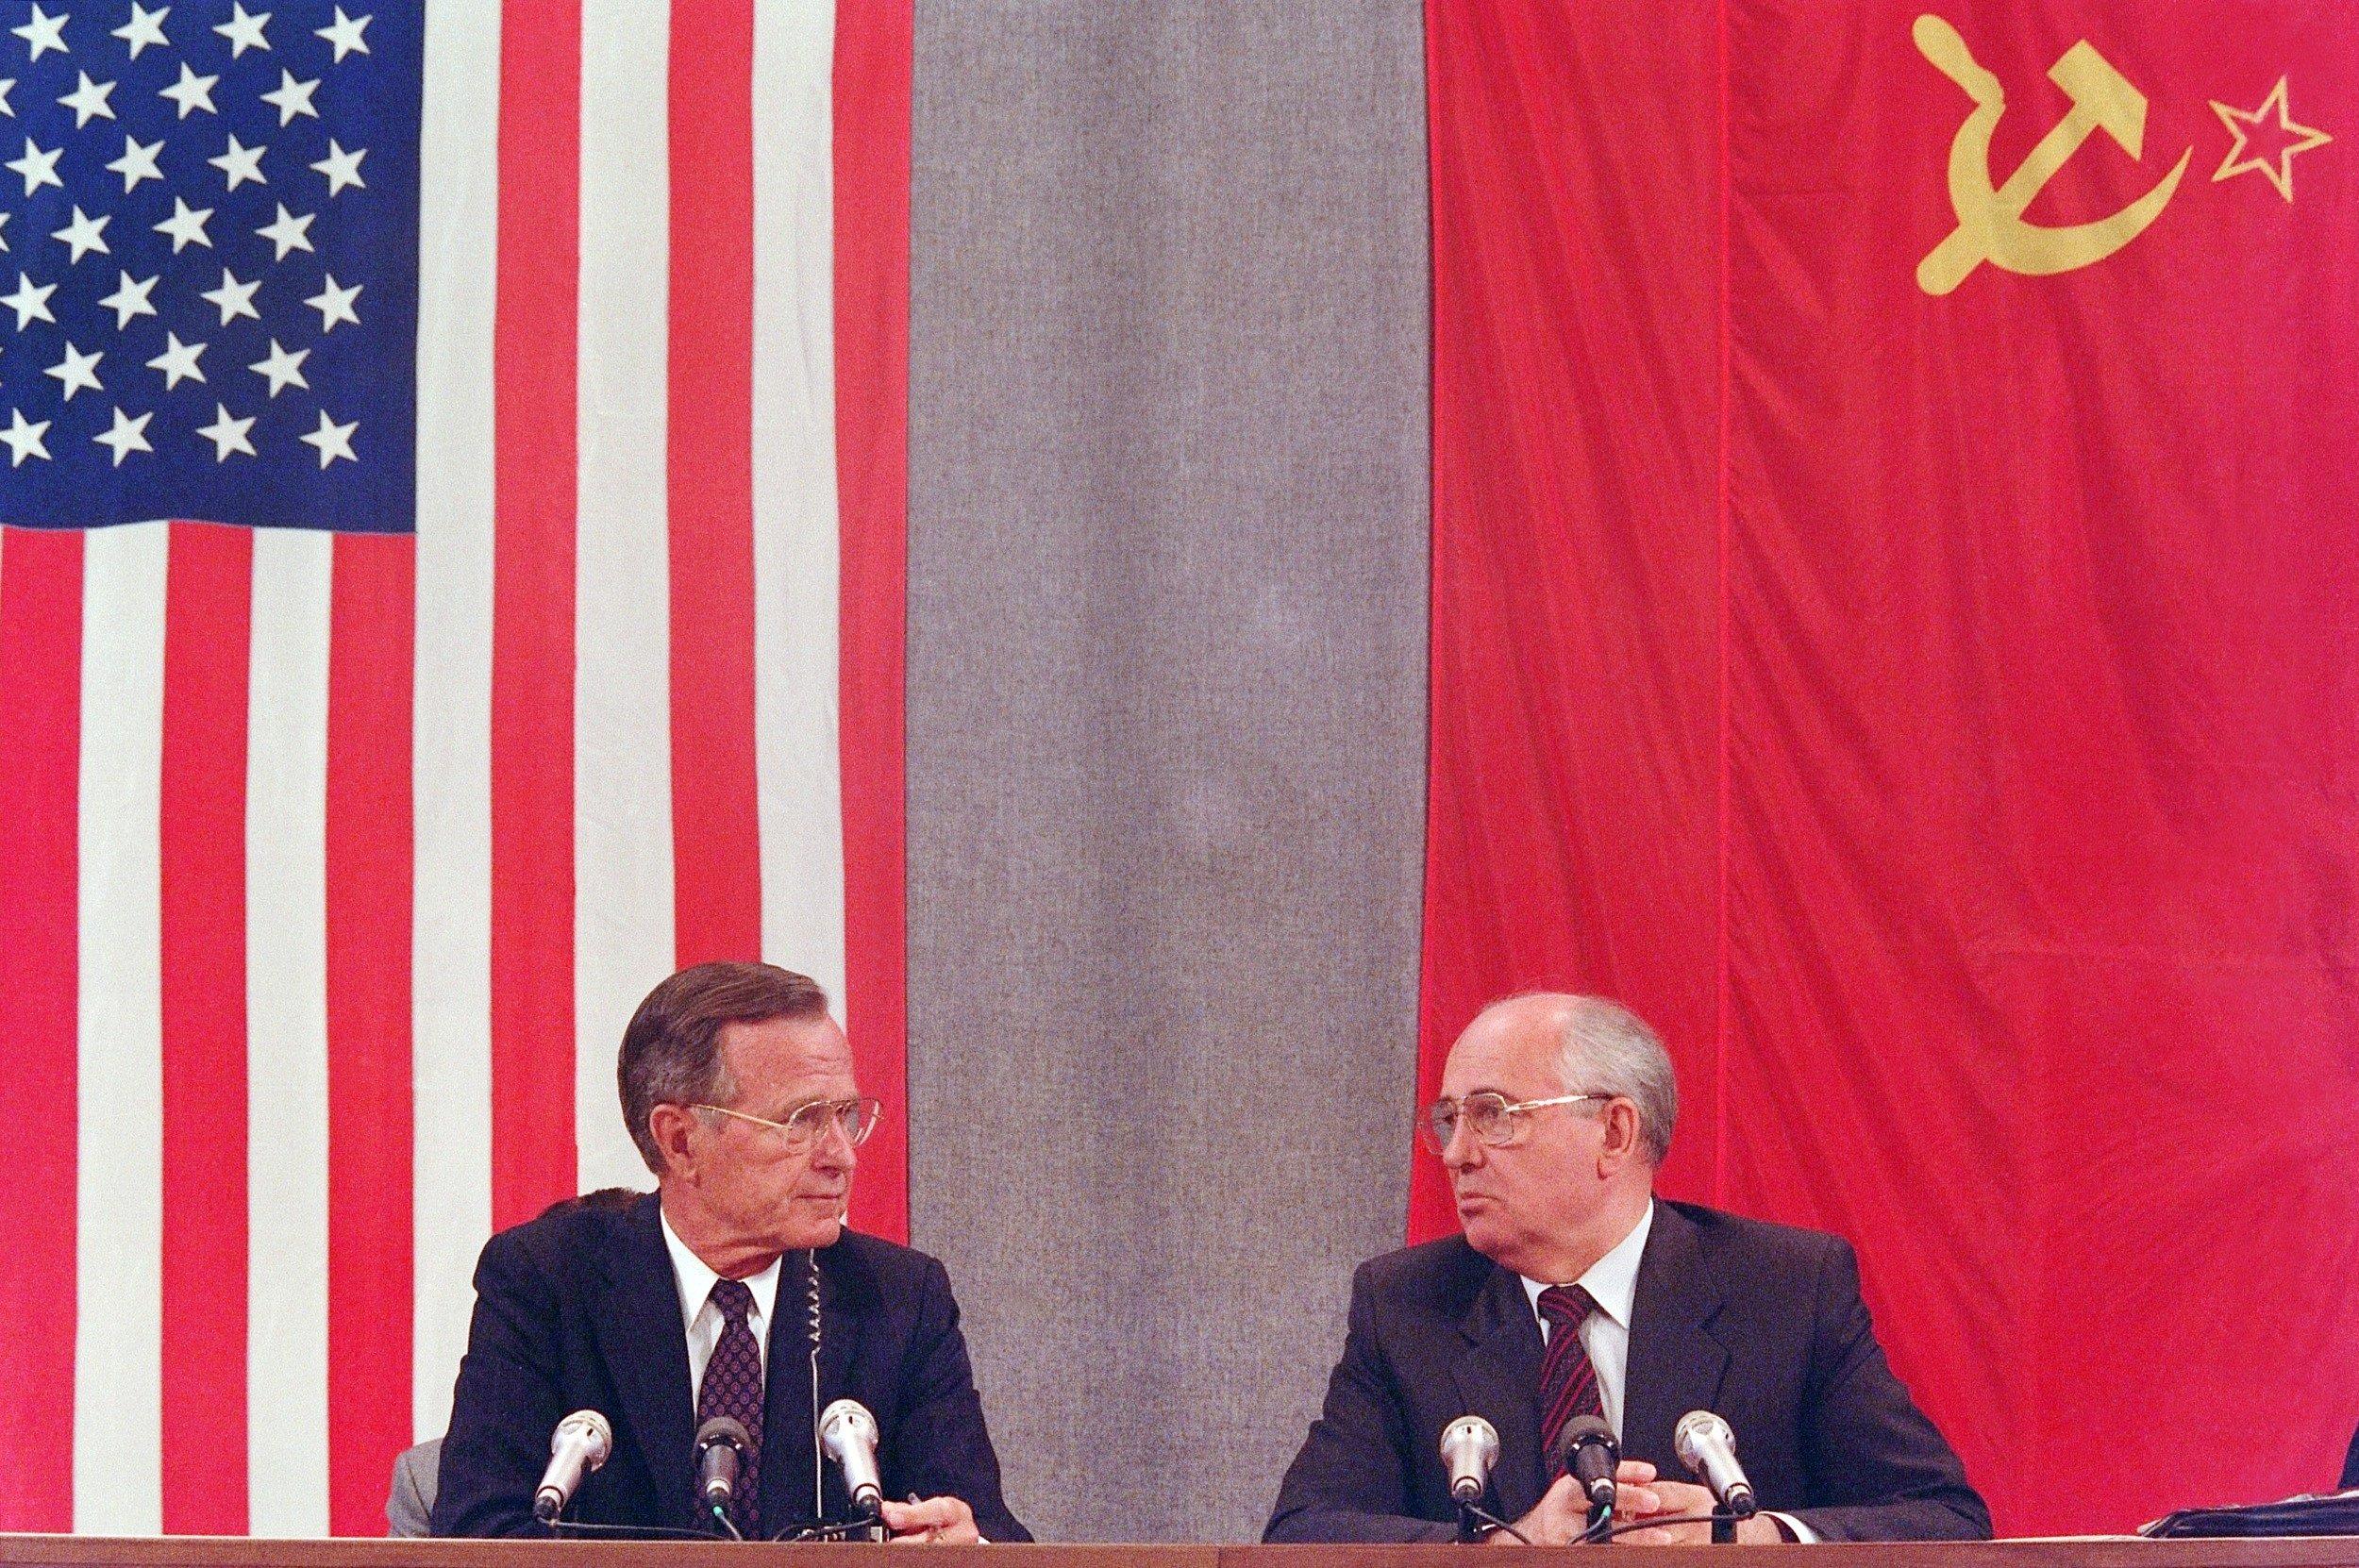 Bush Gorbachev